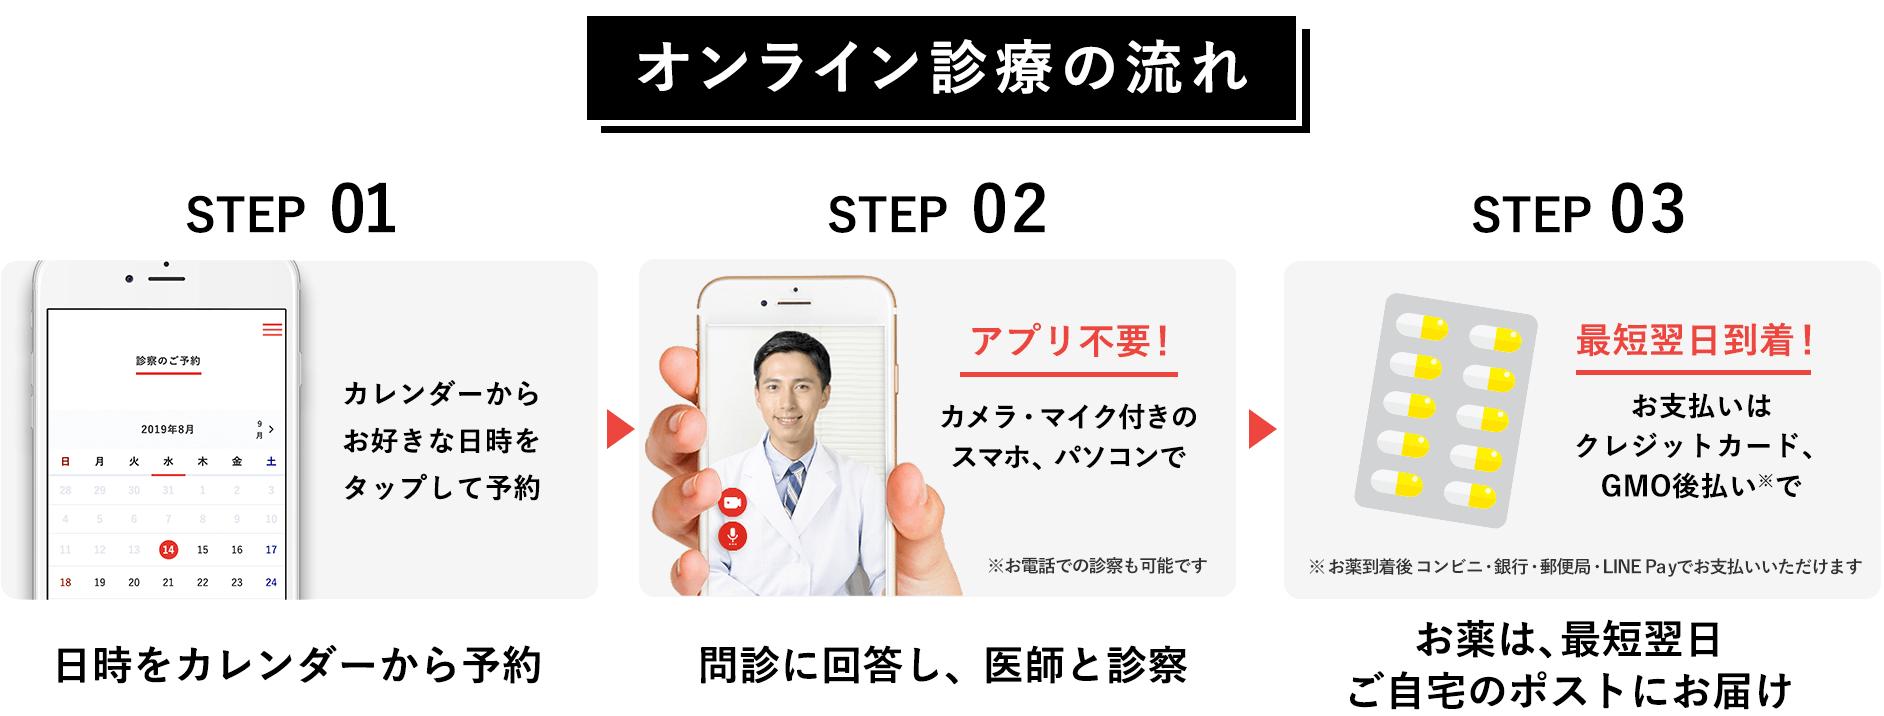 STEP01. 日時をカレンダーから予約 | STEP02. 問診に回答し、医師と診察 | STEP03. お薬は、最短翌日ご自宅のポストにお届け